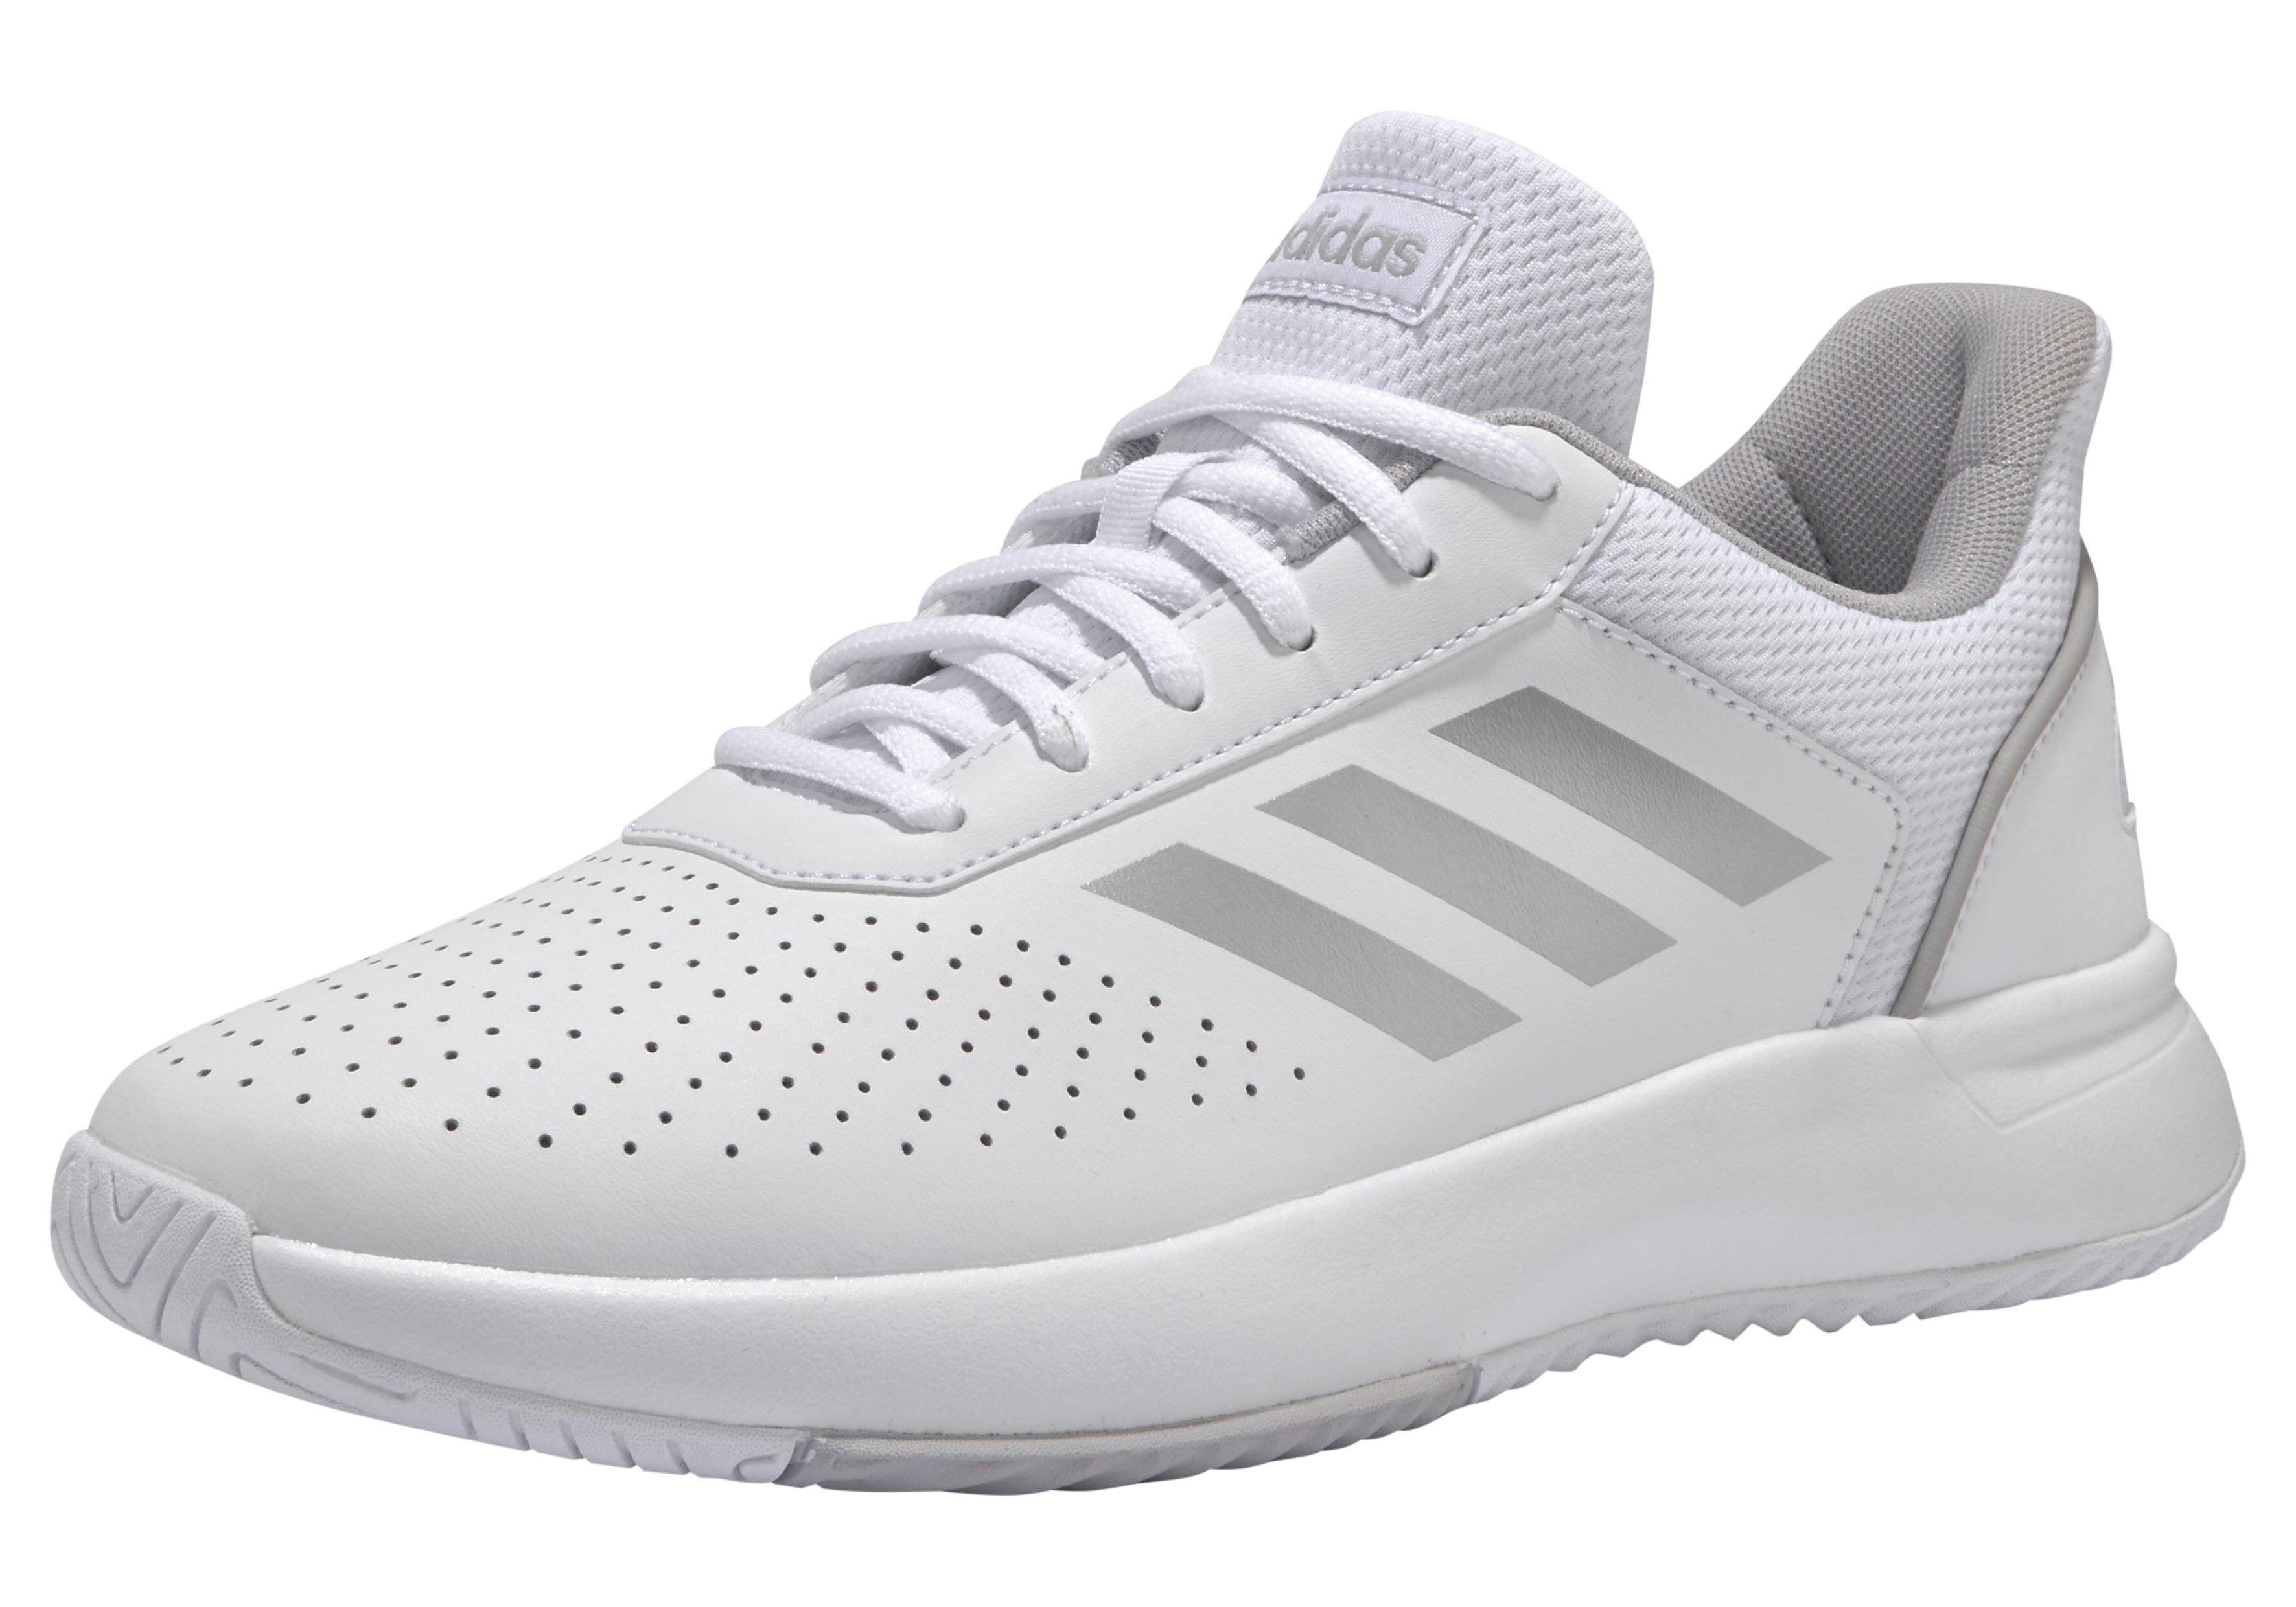 Adidas »Courtmash W« Walkingschuh, weiß-silberfarben